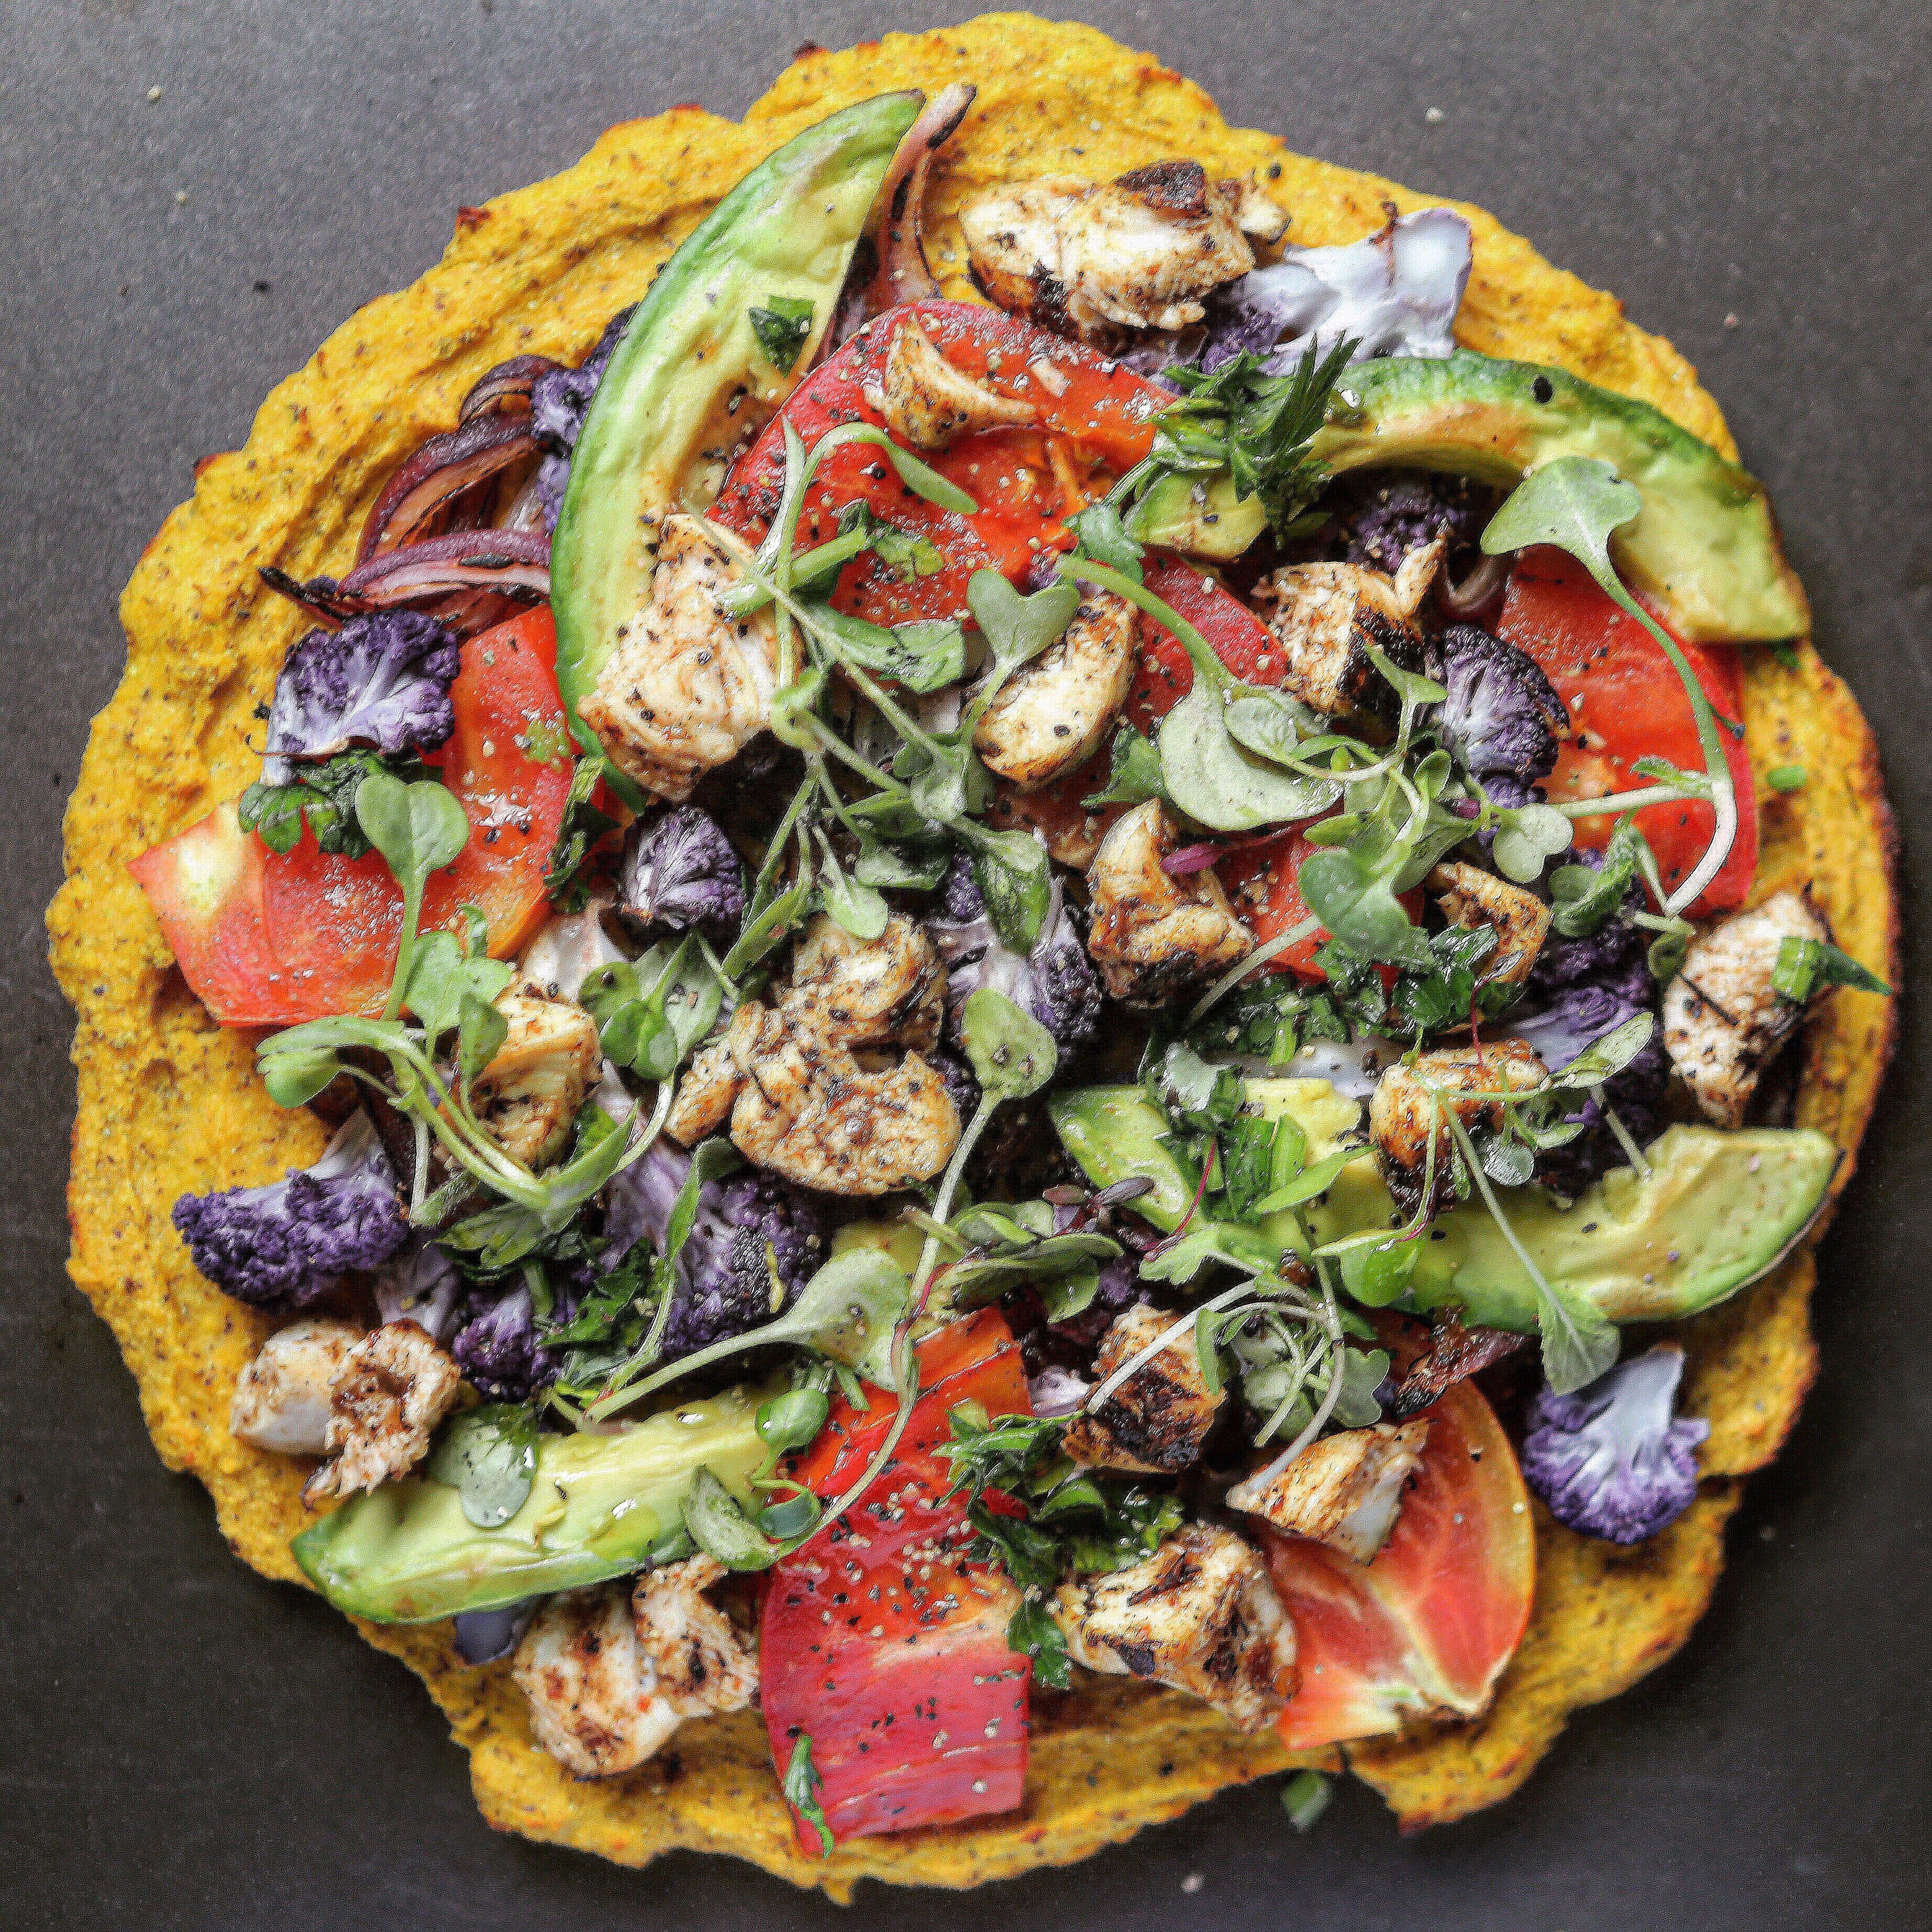 Paleo Kabocha Squash Pizza Crust!